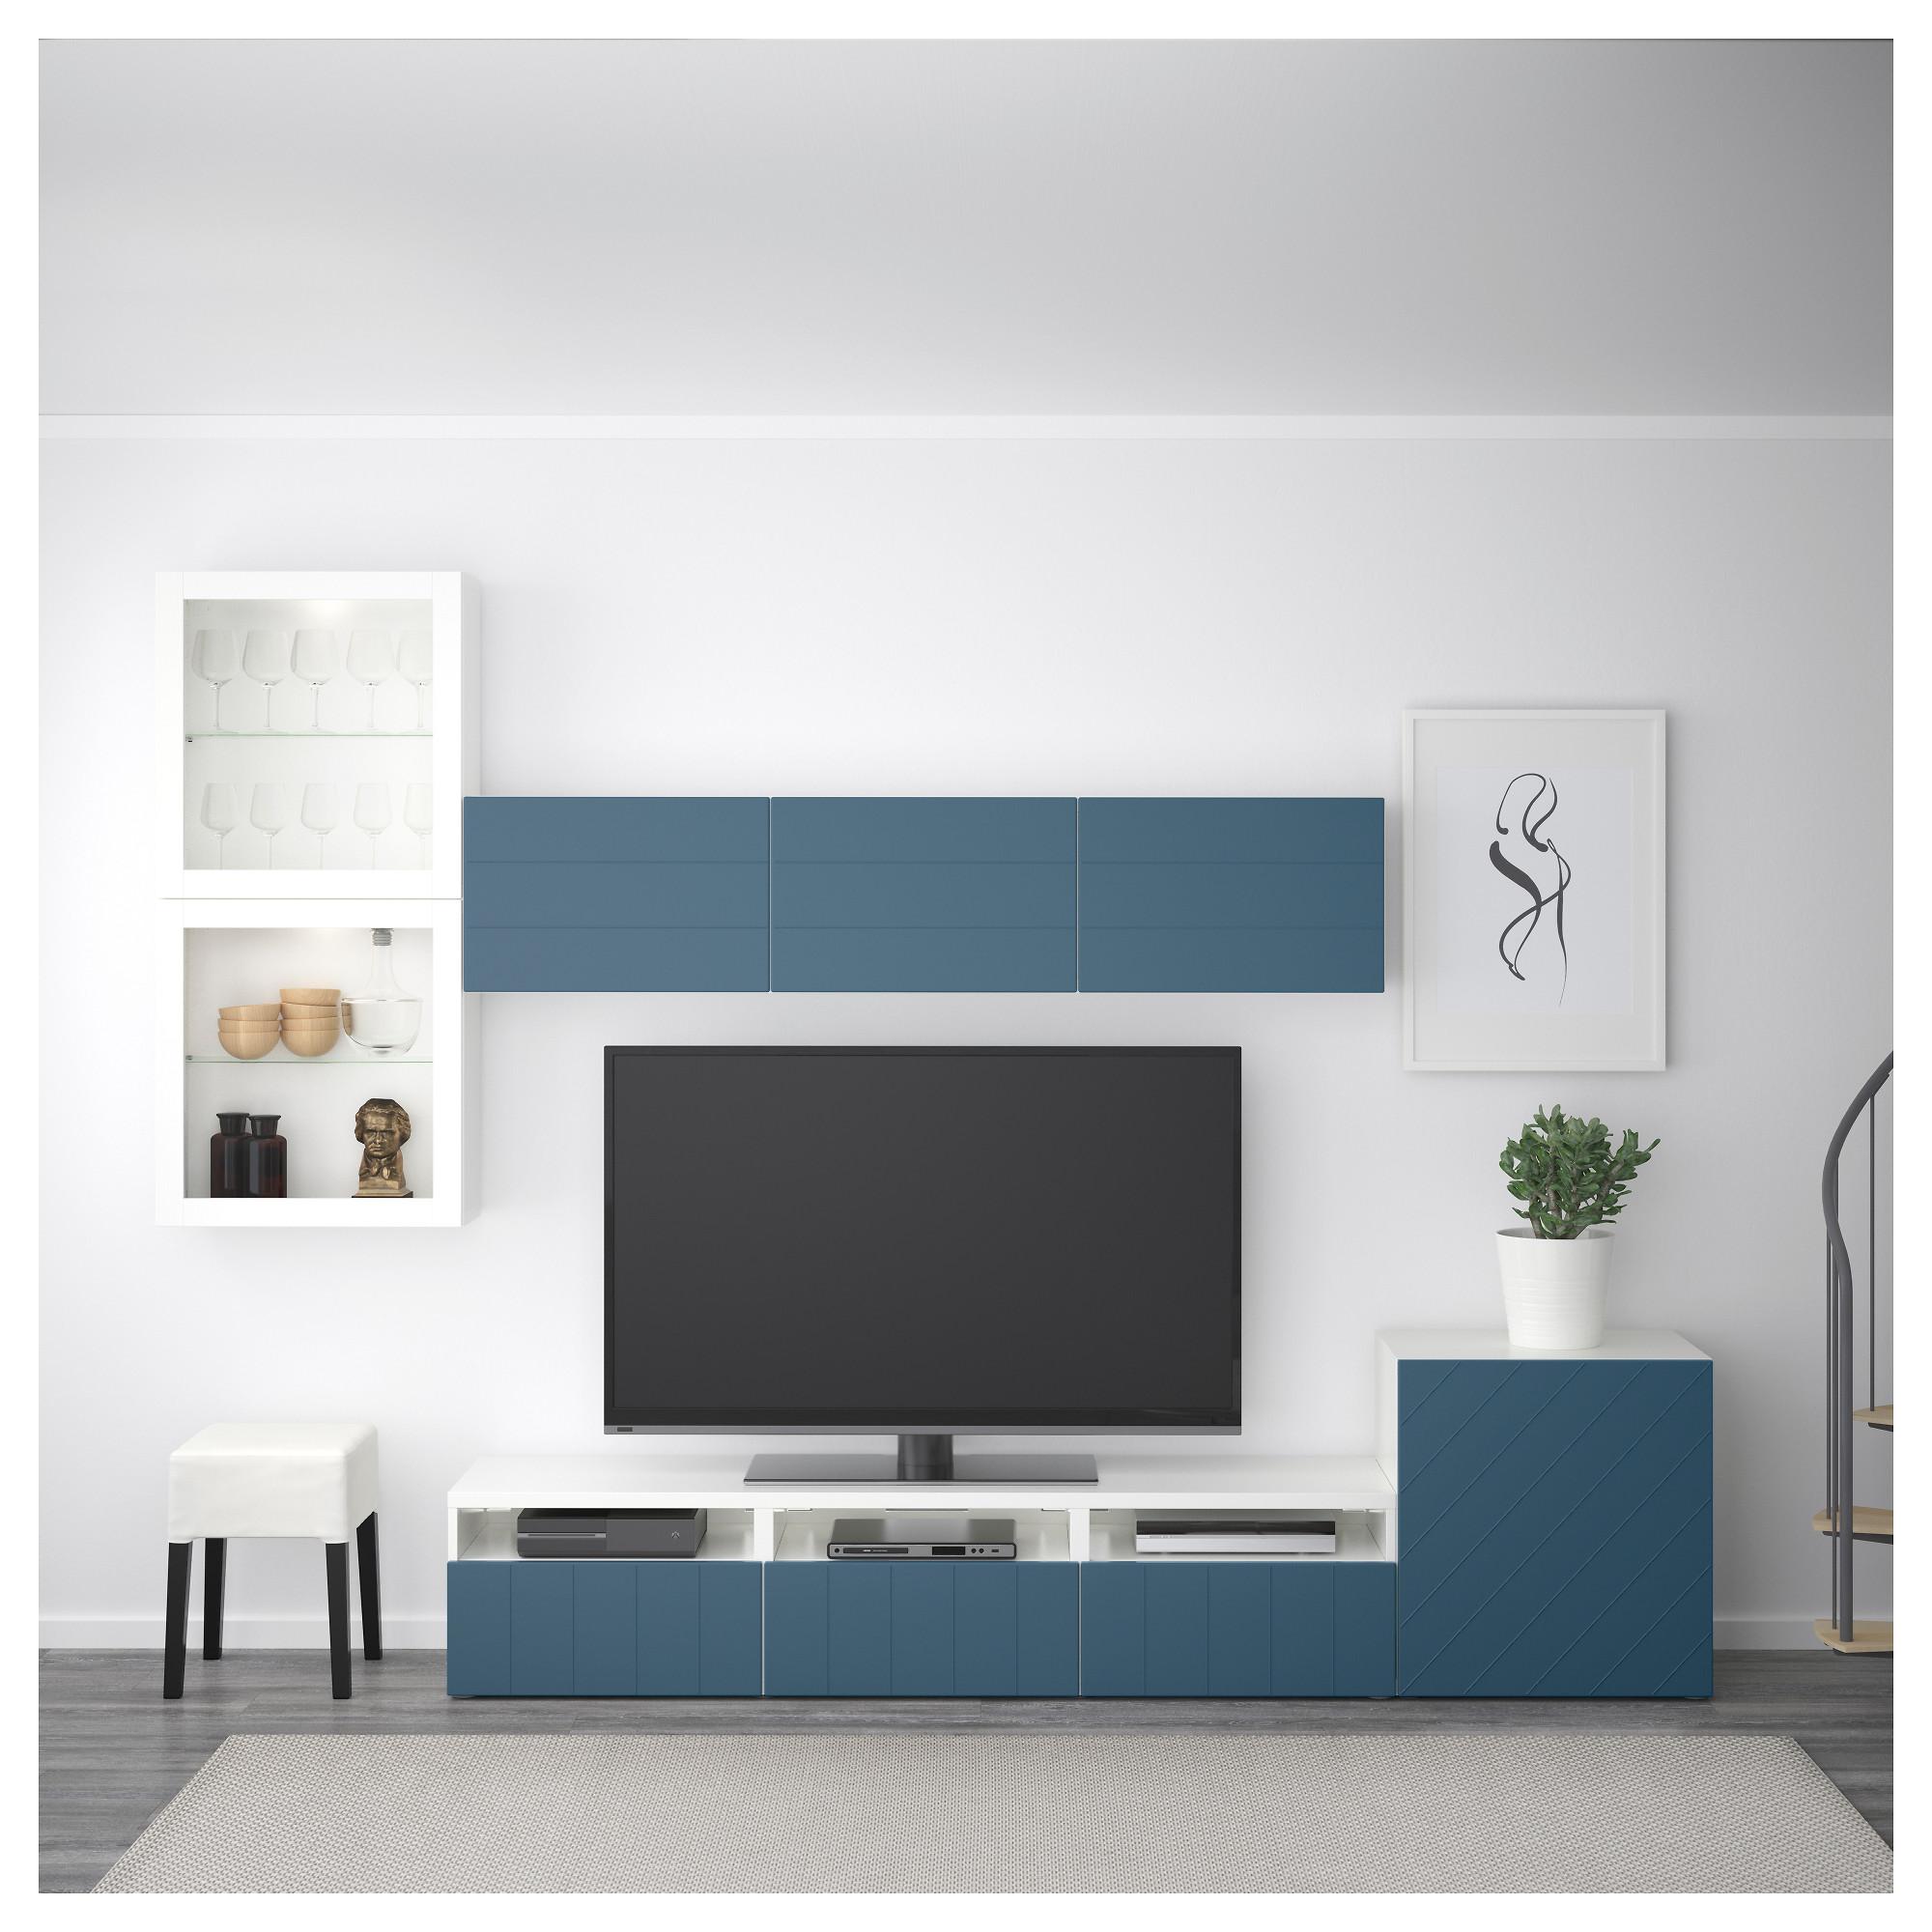 Шкаф для ТВ, комбинированный, стекляные дверцы БЕСТО артикуль № 792.761.33 в наличии. Онлайн каталог IKEA Минск. Быстрая доставка и установка.